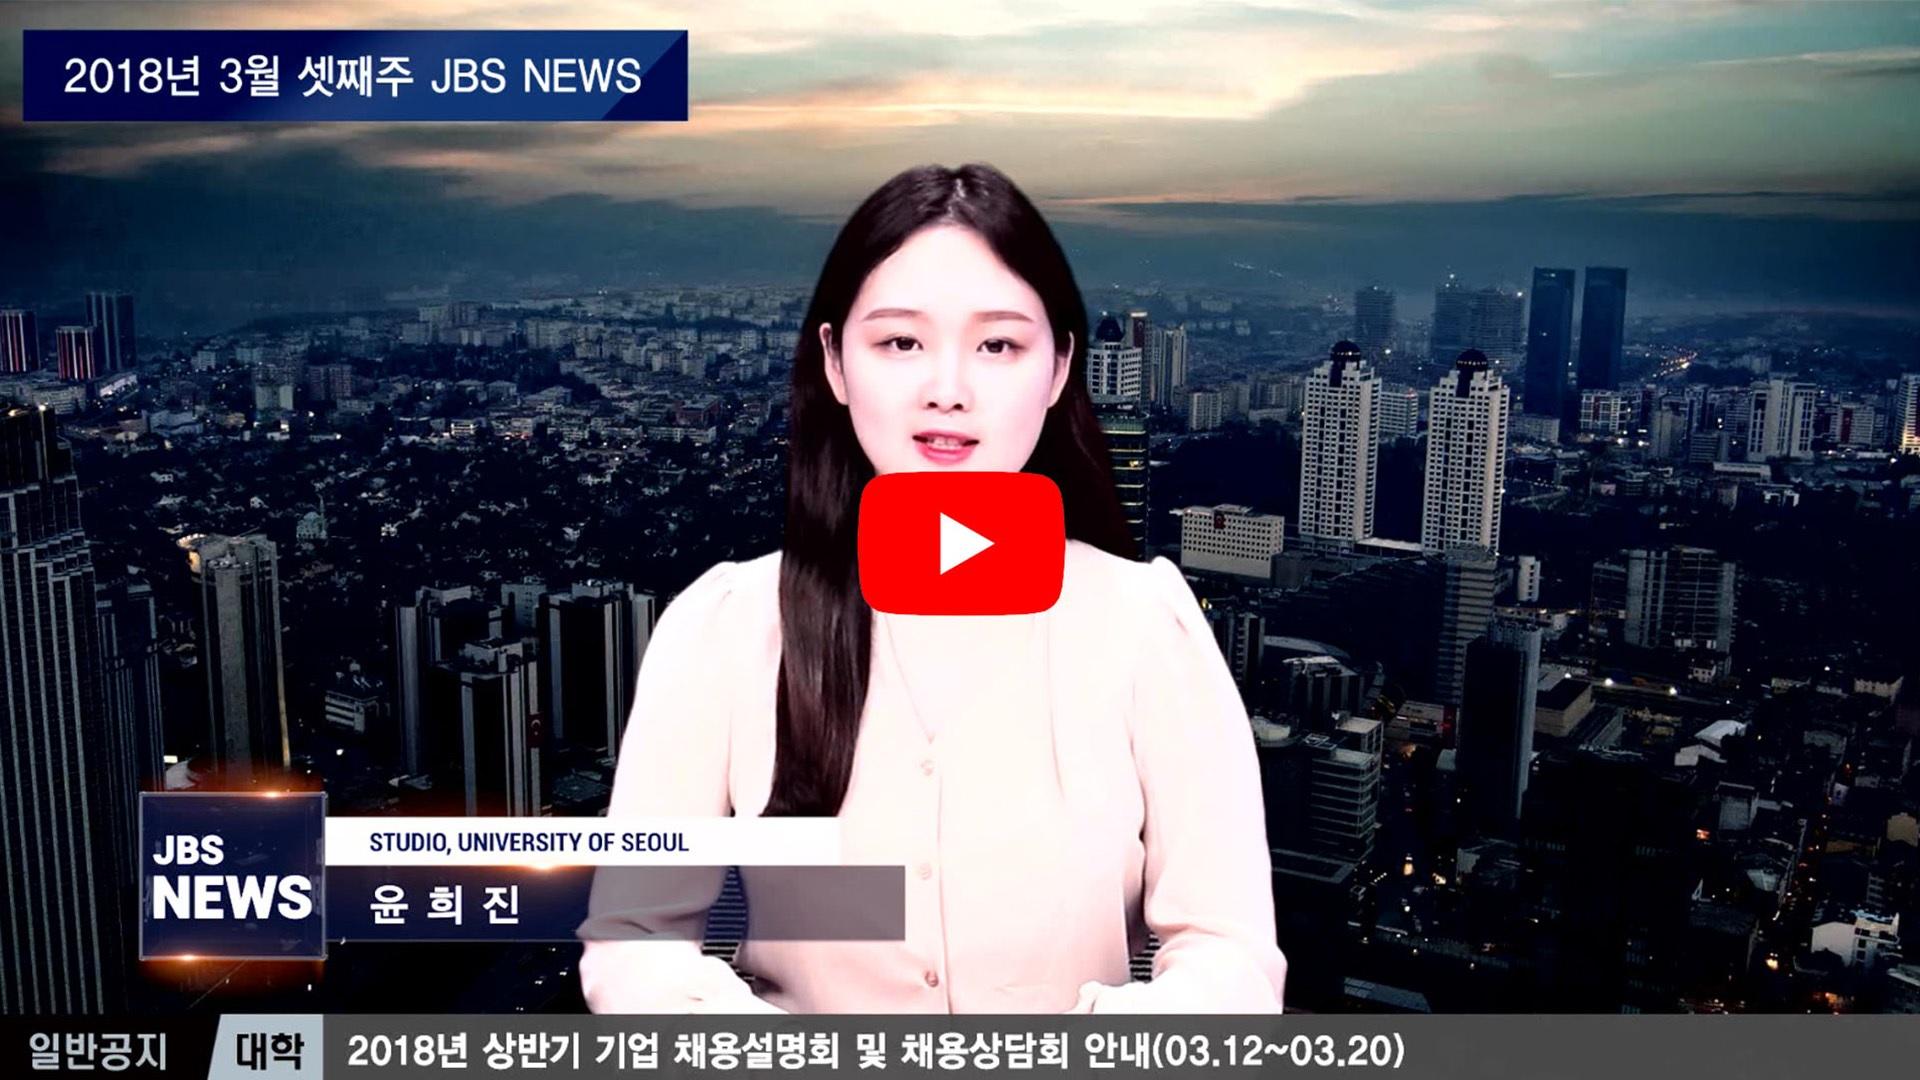 [교내뉴스] 2018년 3월 셋째 주(1화)